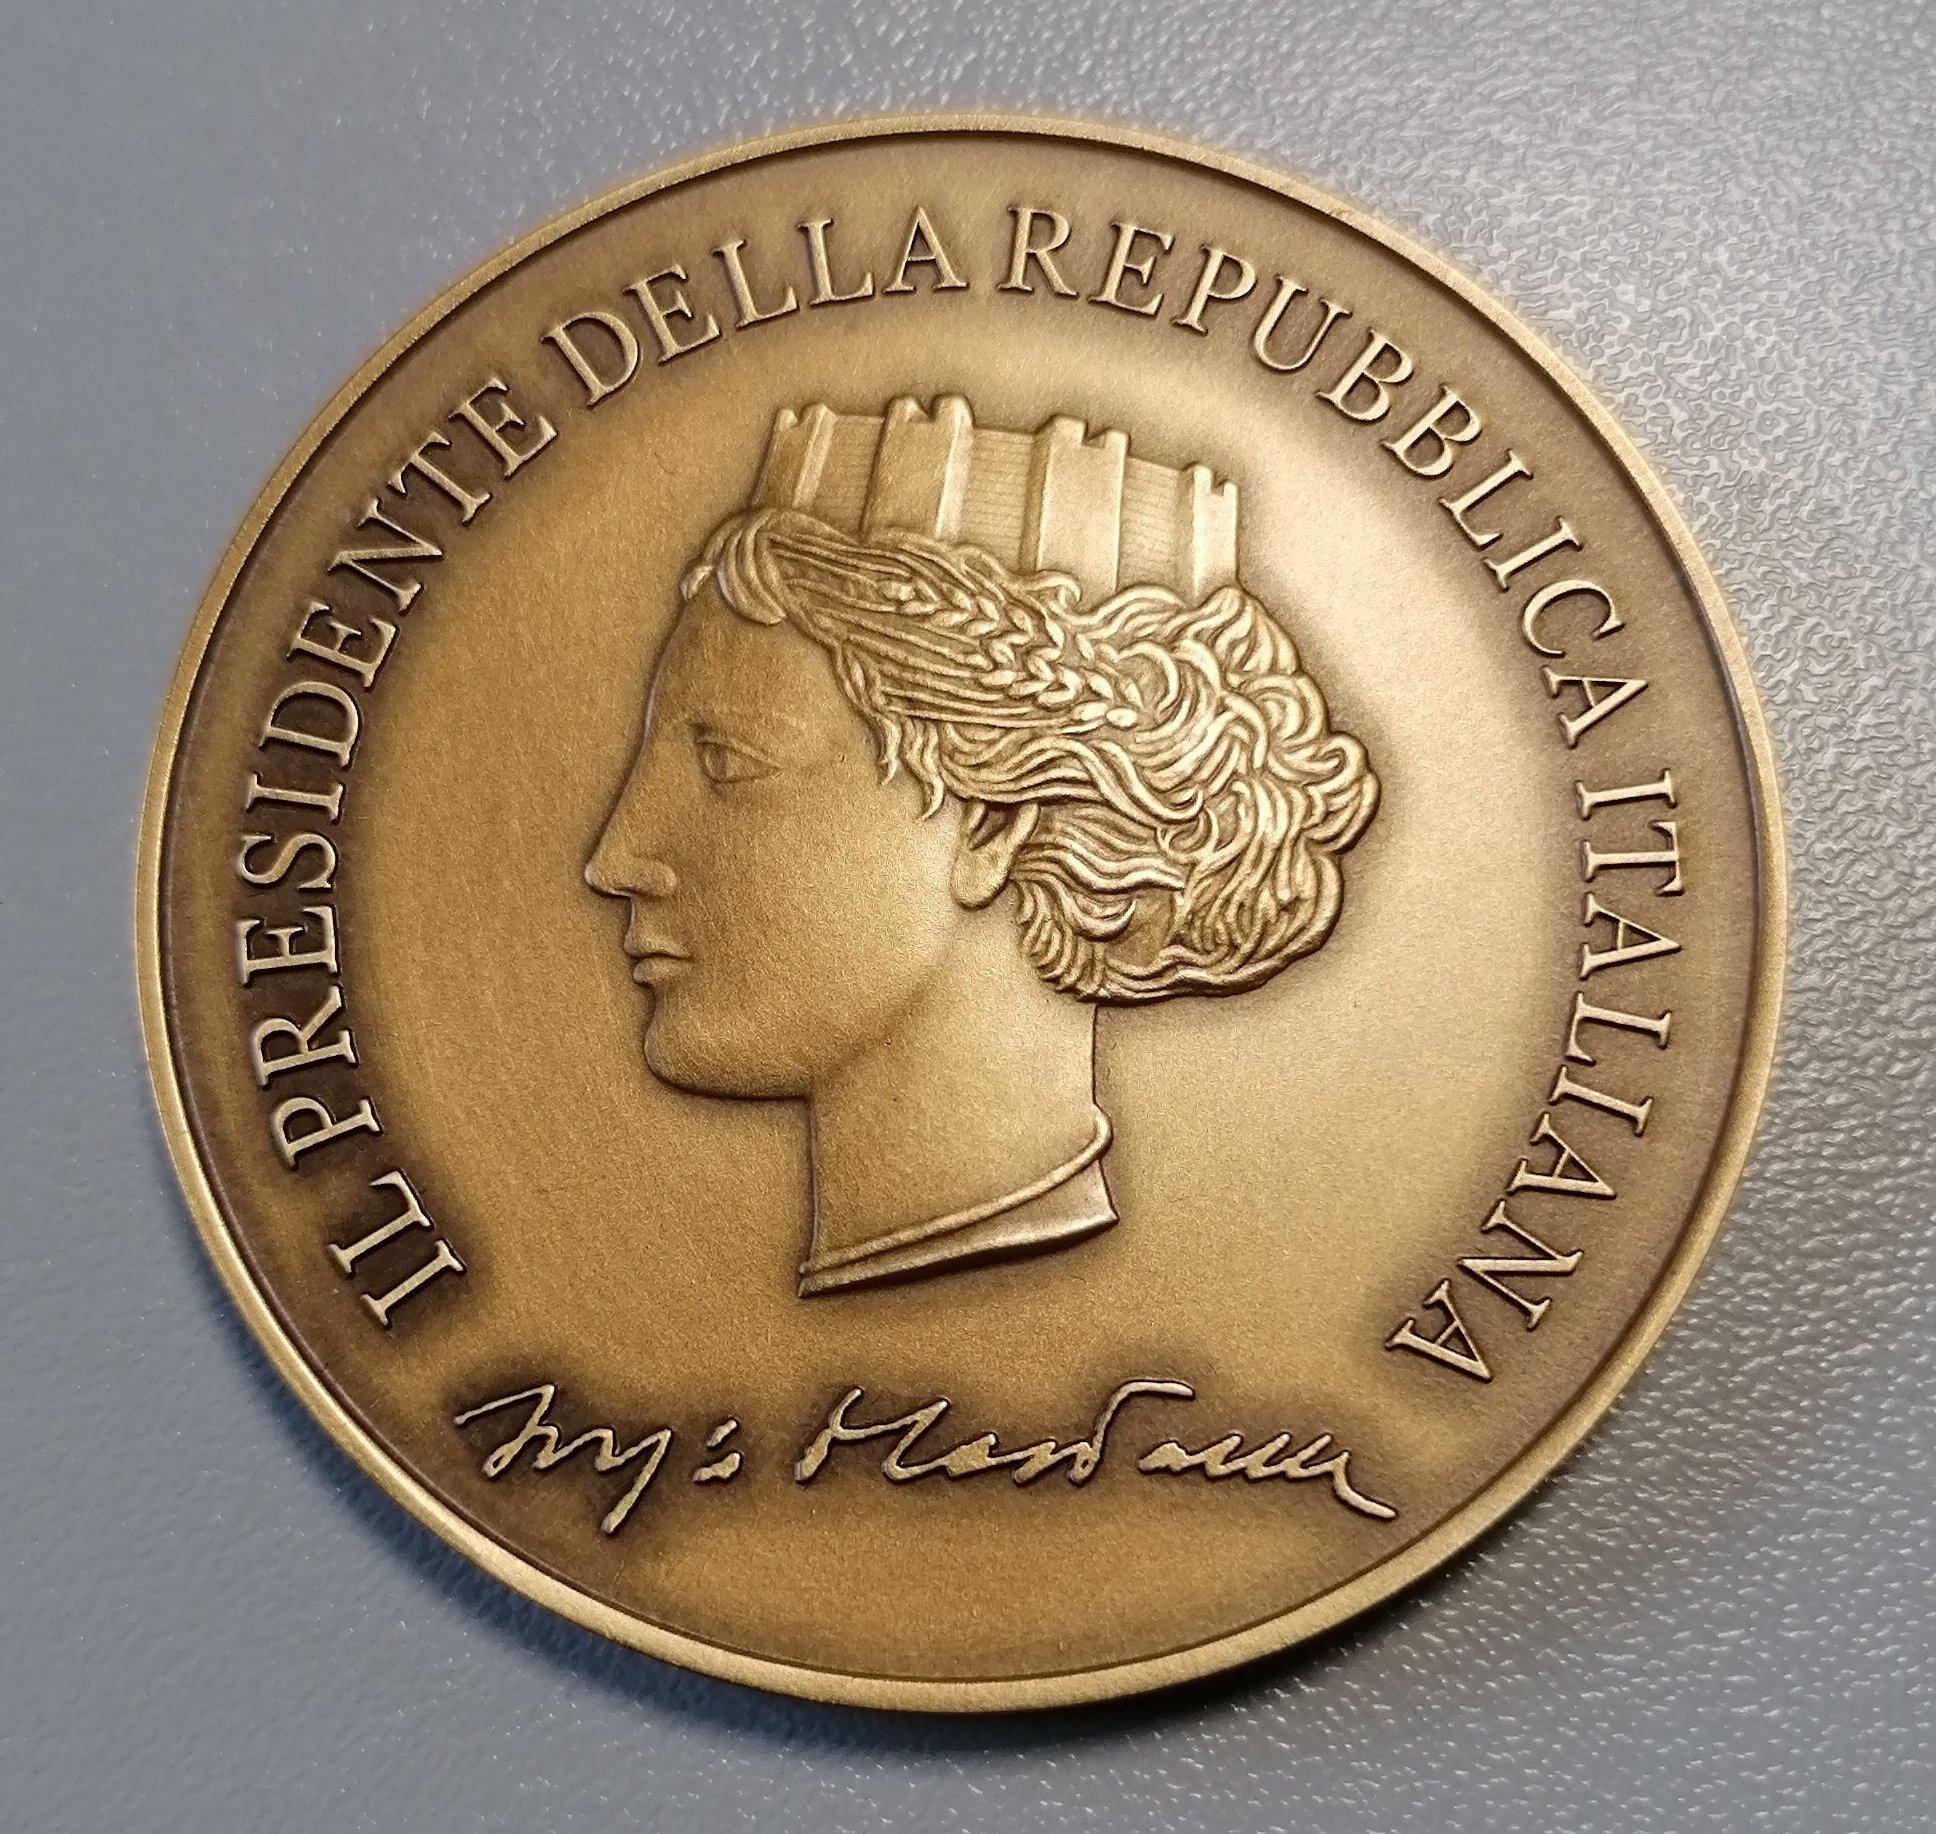 Dal Presidente della Repubblica una medaglia per la SIIA